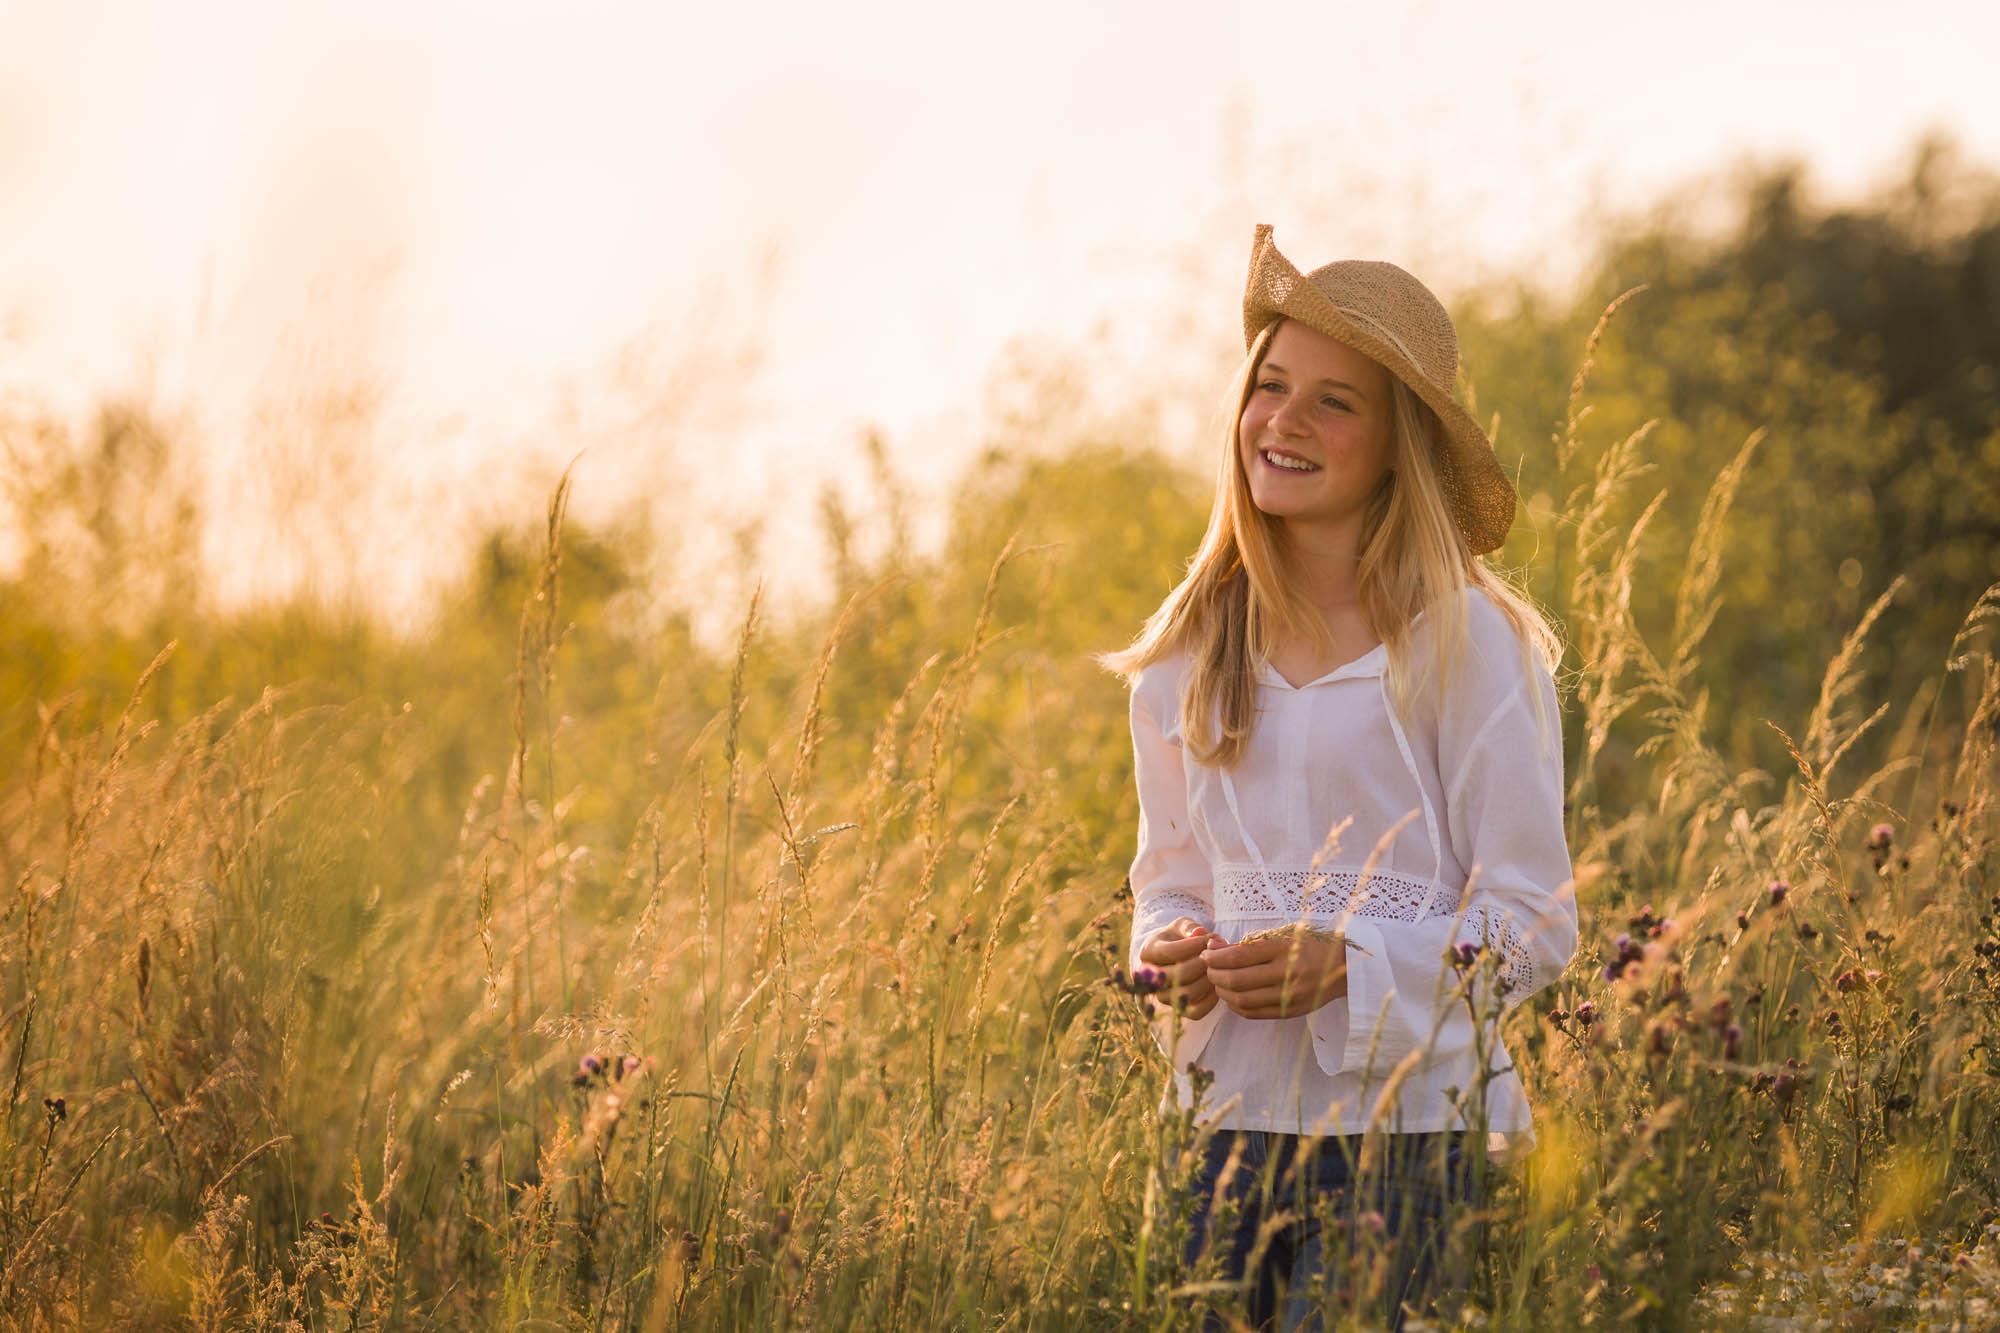 Jouw fotograaf in Amersfoort en omgeving. Mayra Fotografie: portretfotograaf, tienerfotograaf, kinderfotograaf, gezinsfotograaf, zwangerschapsfotograaf, loveshoot fotograaf